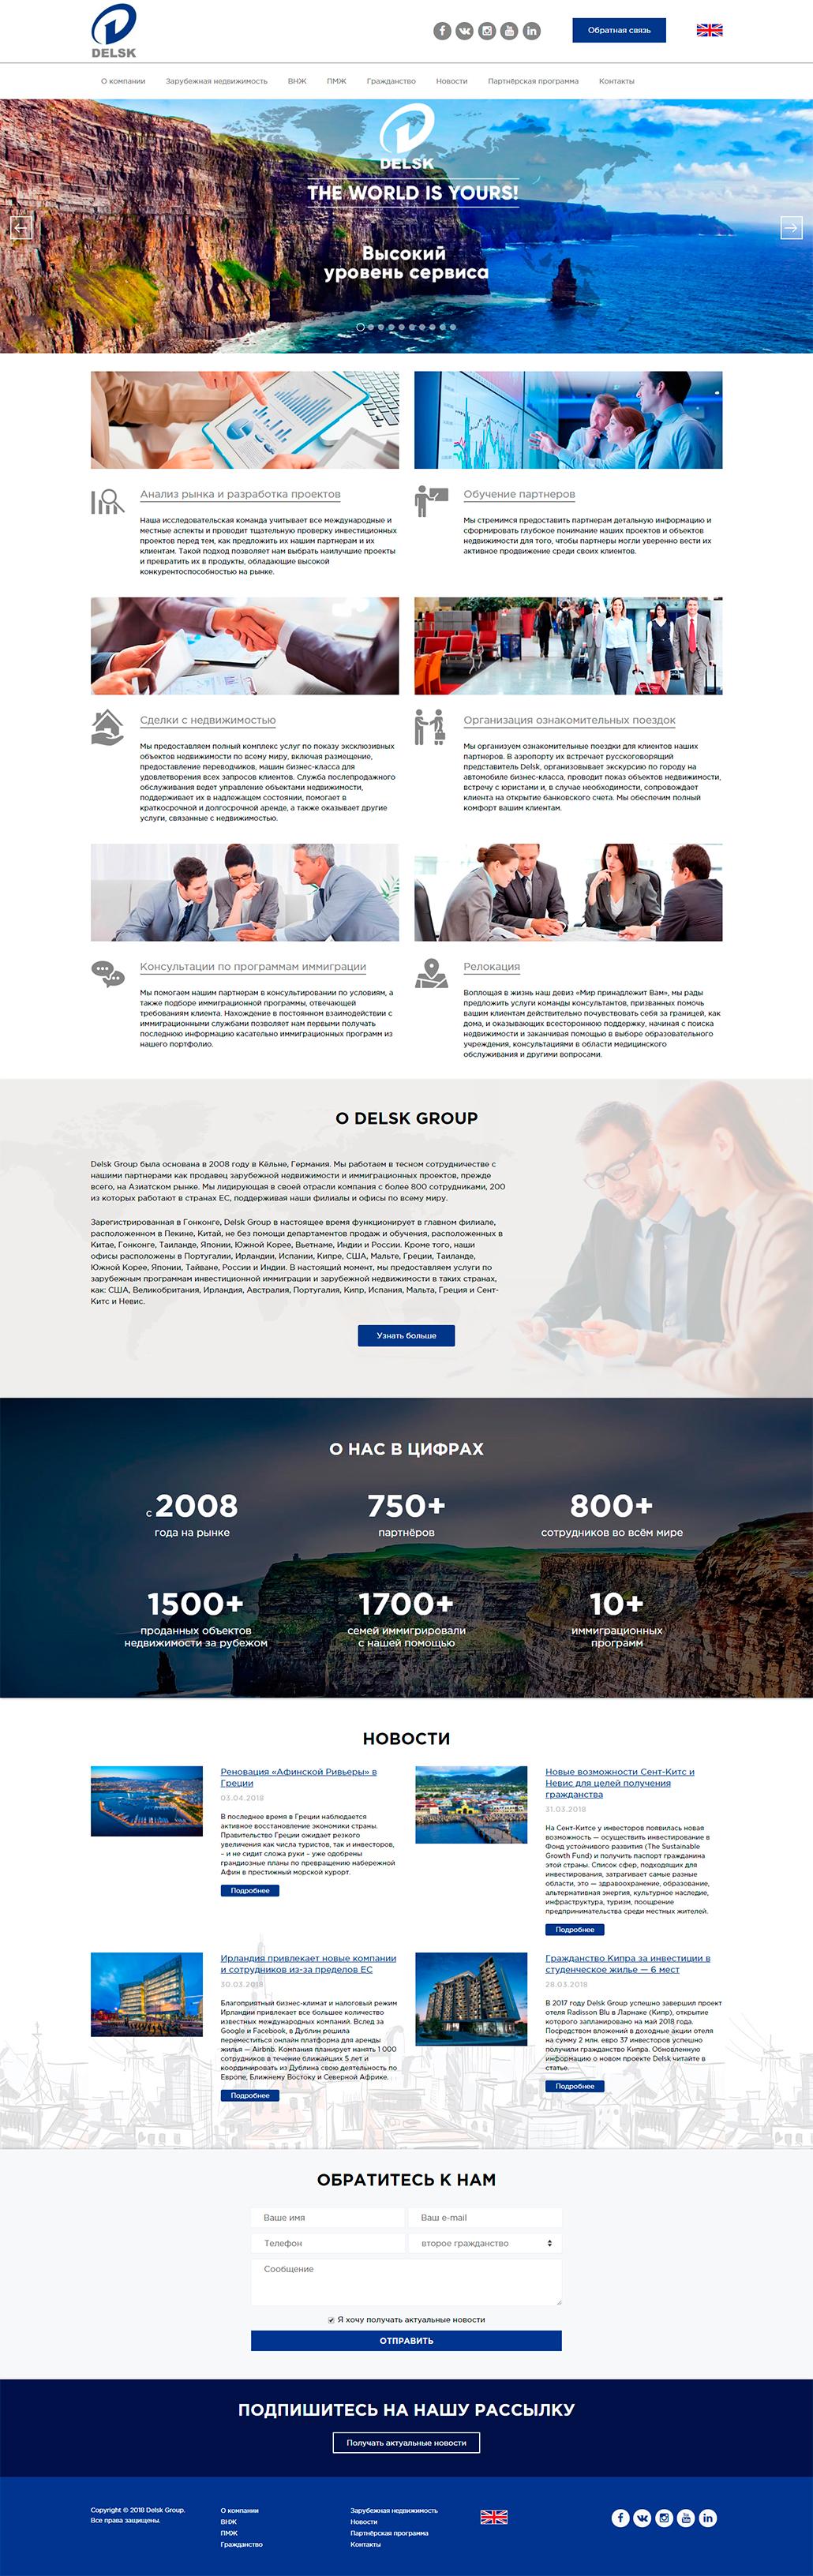 Сайт услуг в области недвижимости и иммиграции в Европу